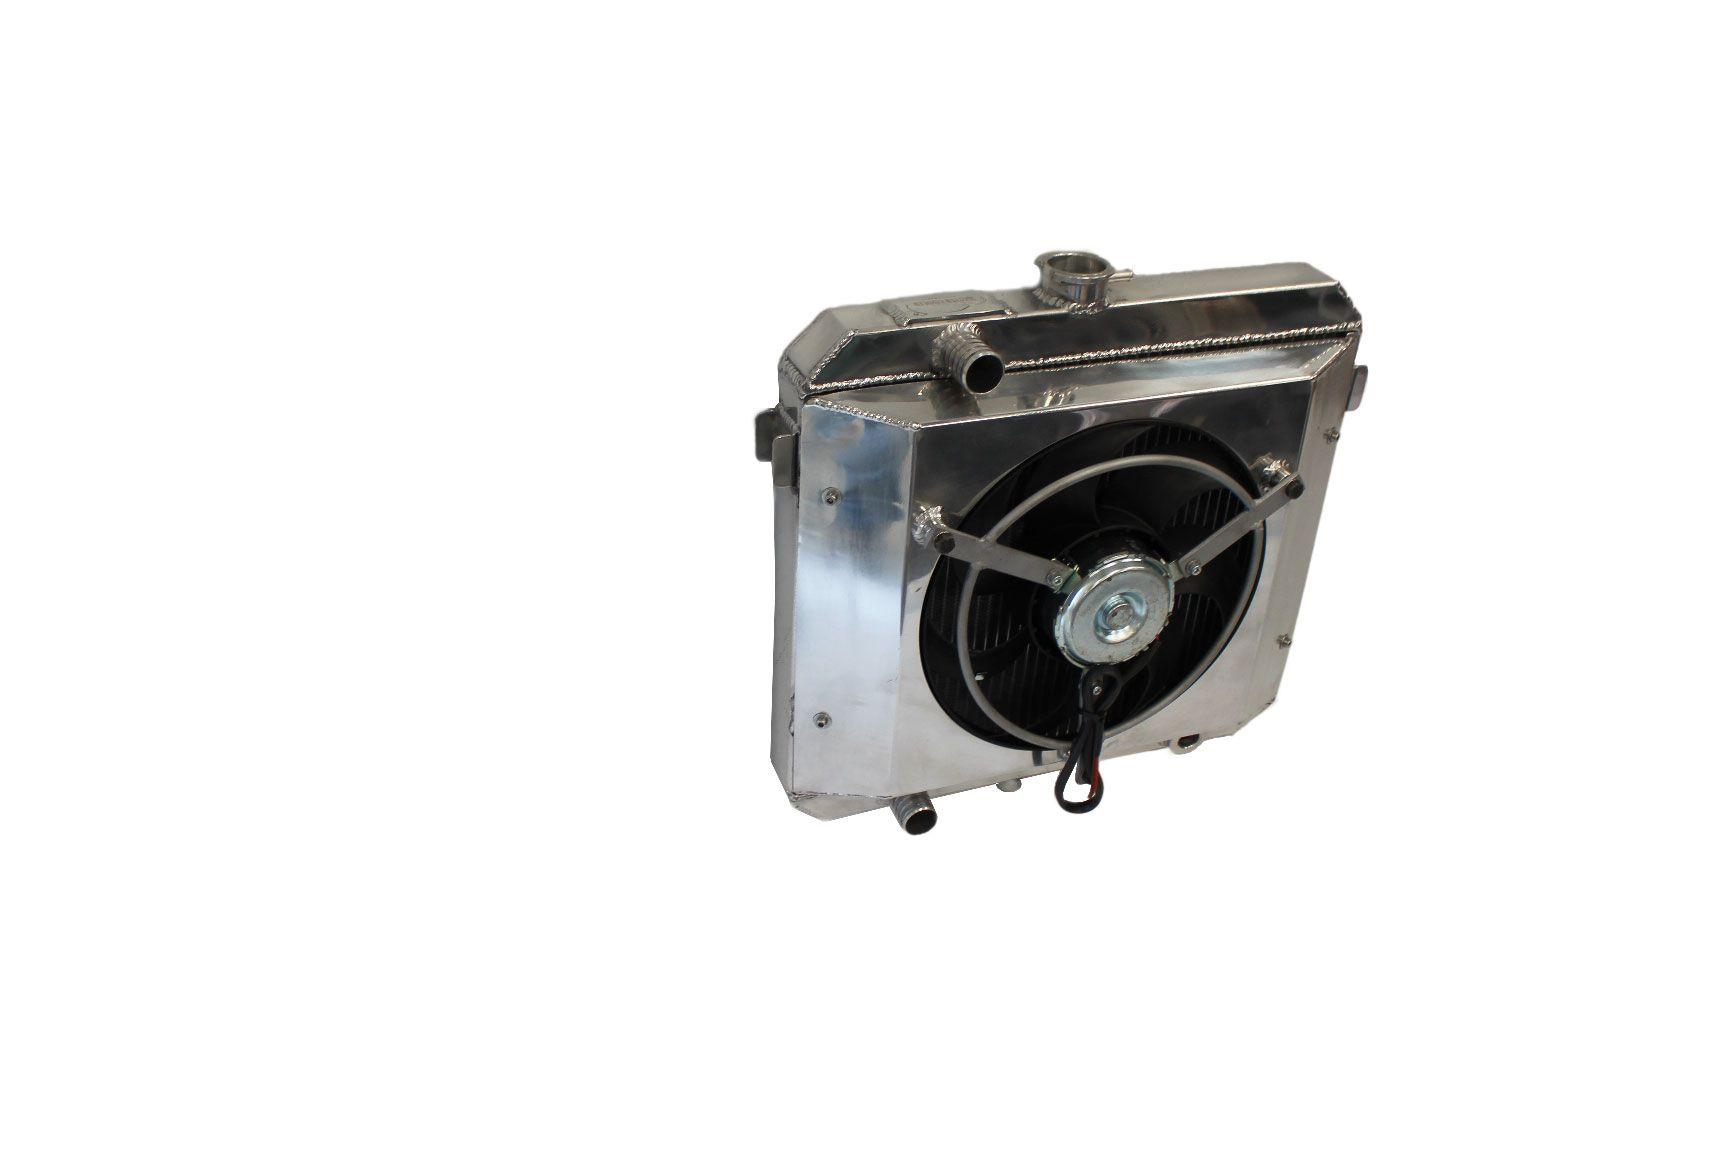 RADIADOR CHEVETTE 1000 HP COM DEFLETOR E VENTOINHA (ALUMÍNIO BRASADO PREMIUM)